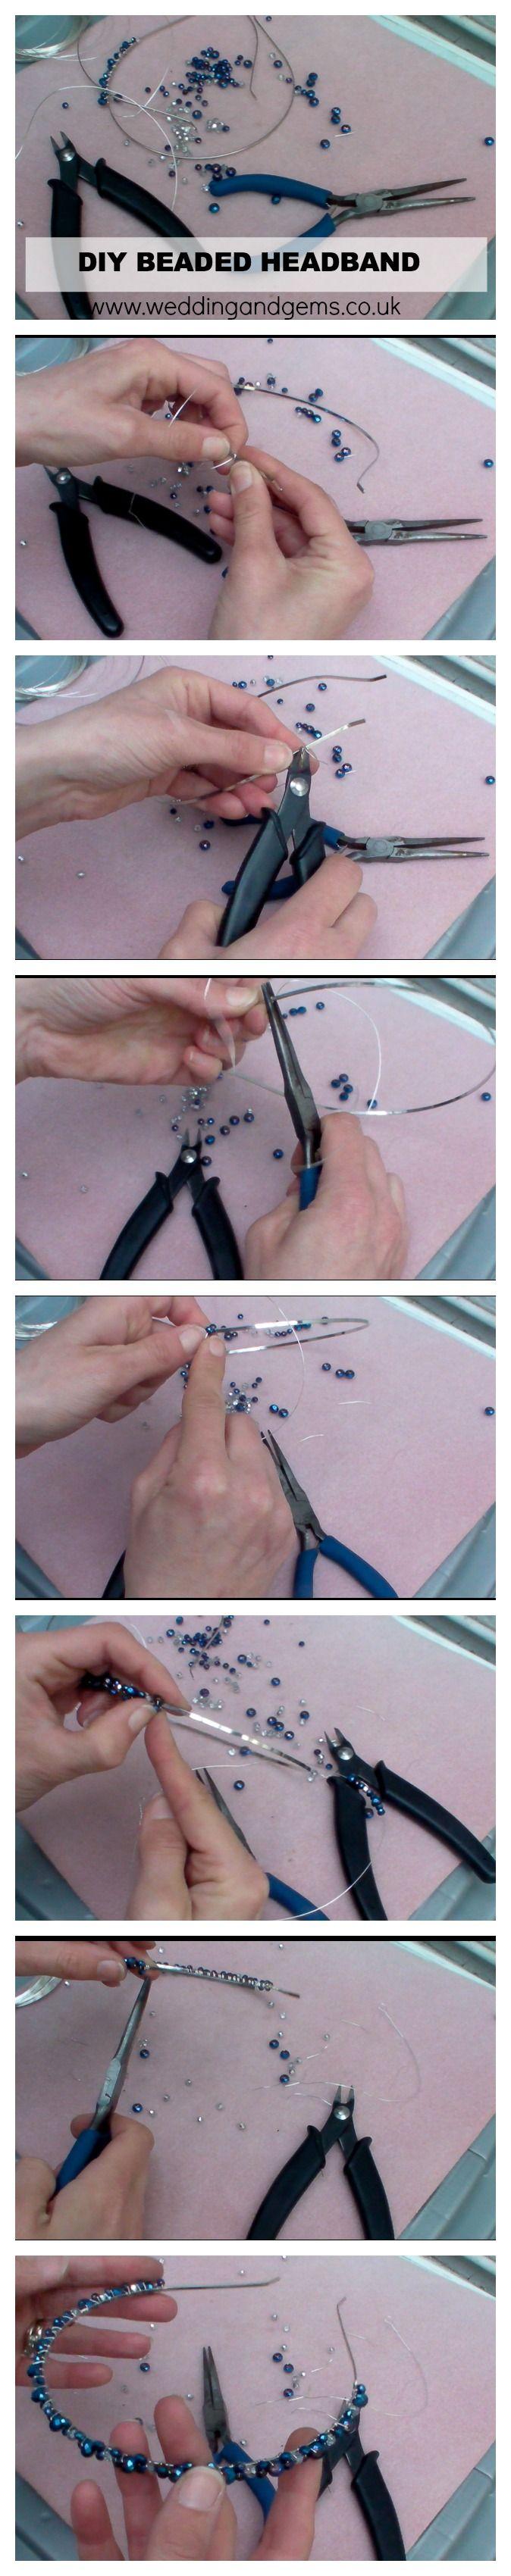 DIY Crystal Headband - Beaded Hair Accessory - Wedding And Gems